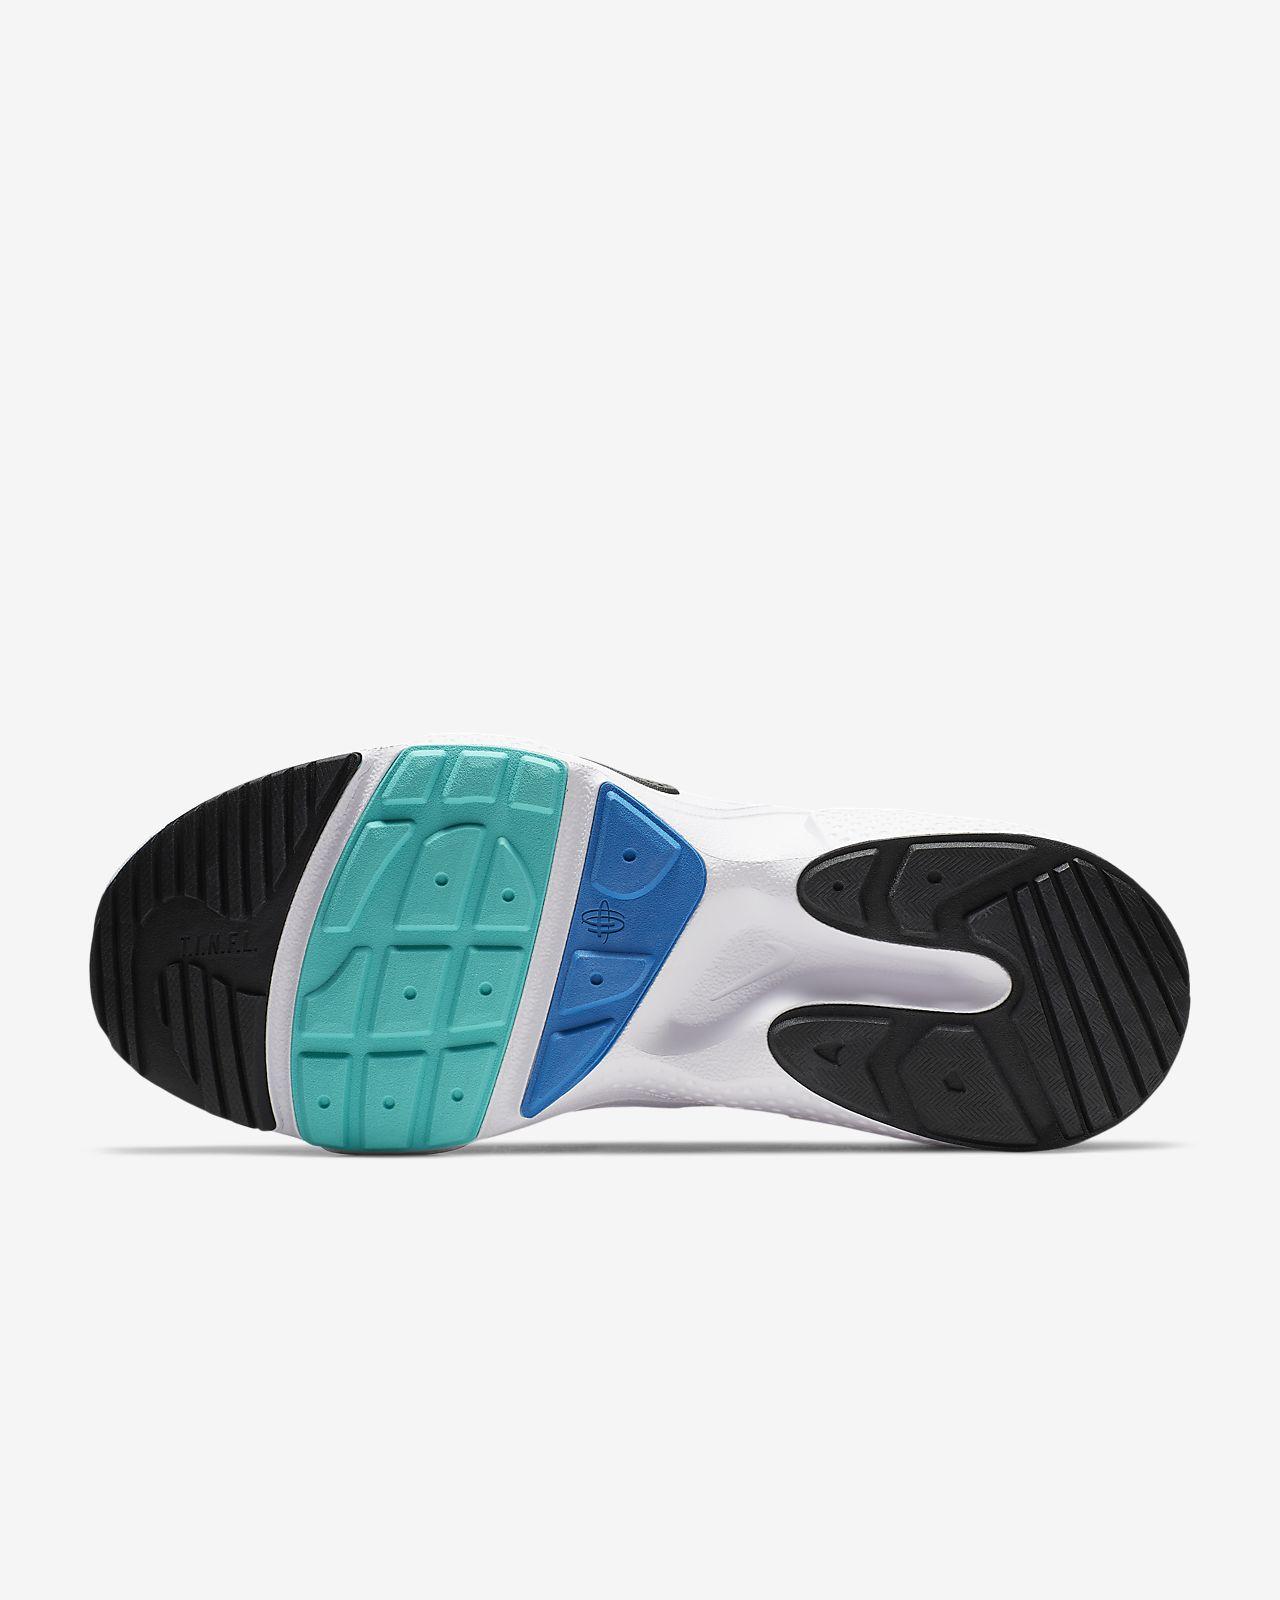 58cbe462d66d Nike Huarache E.D.G.E. TXT Men s Shoe. Nike.com IN